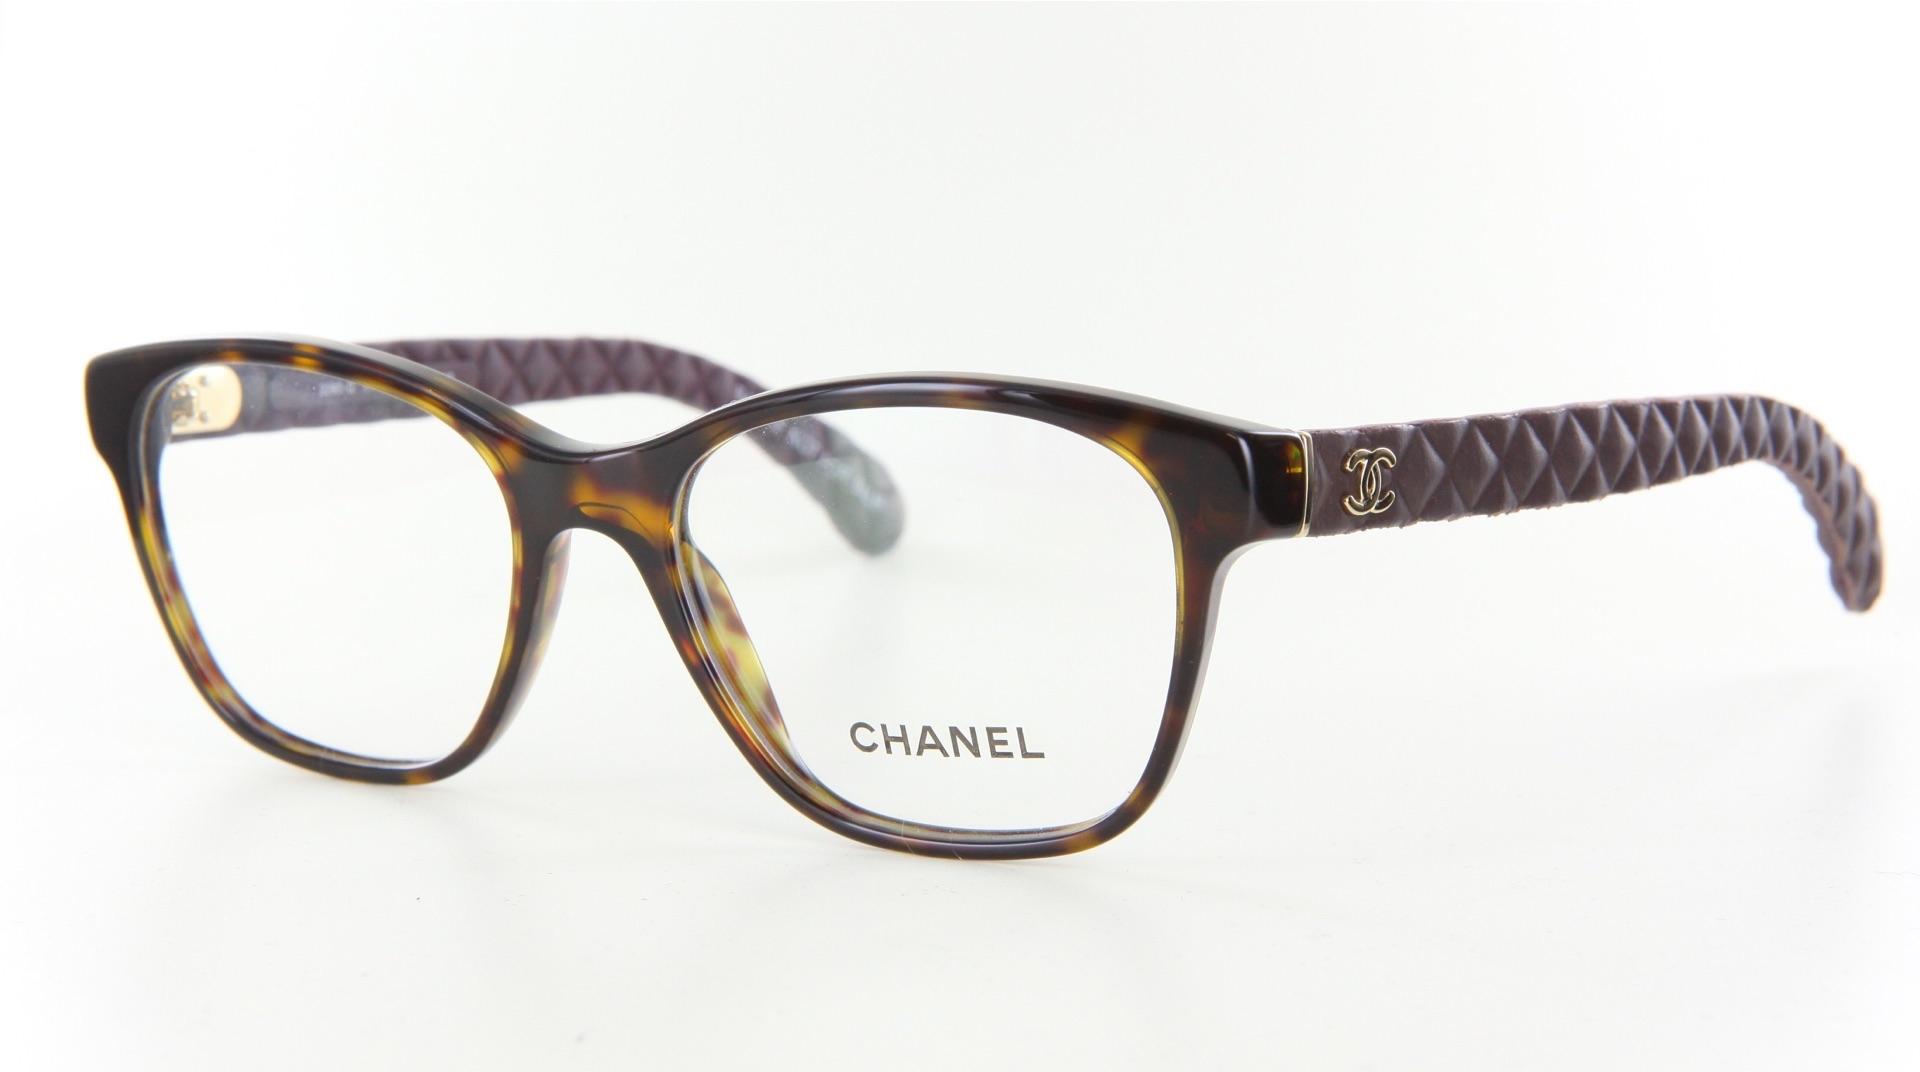 Chanel - ref: 71086